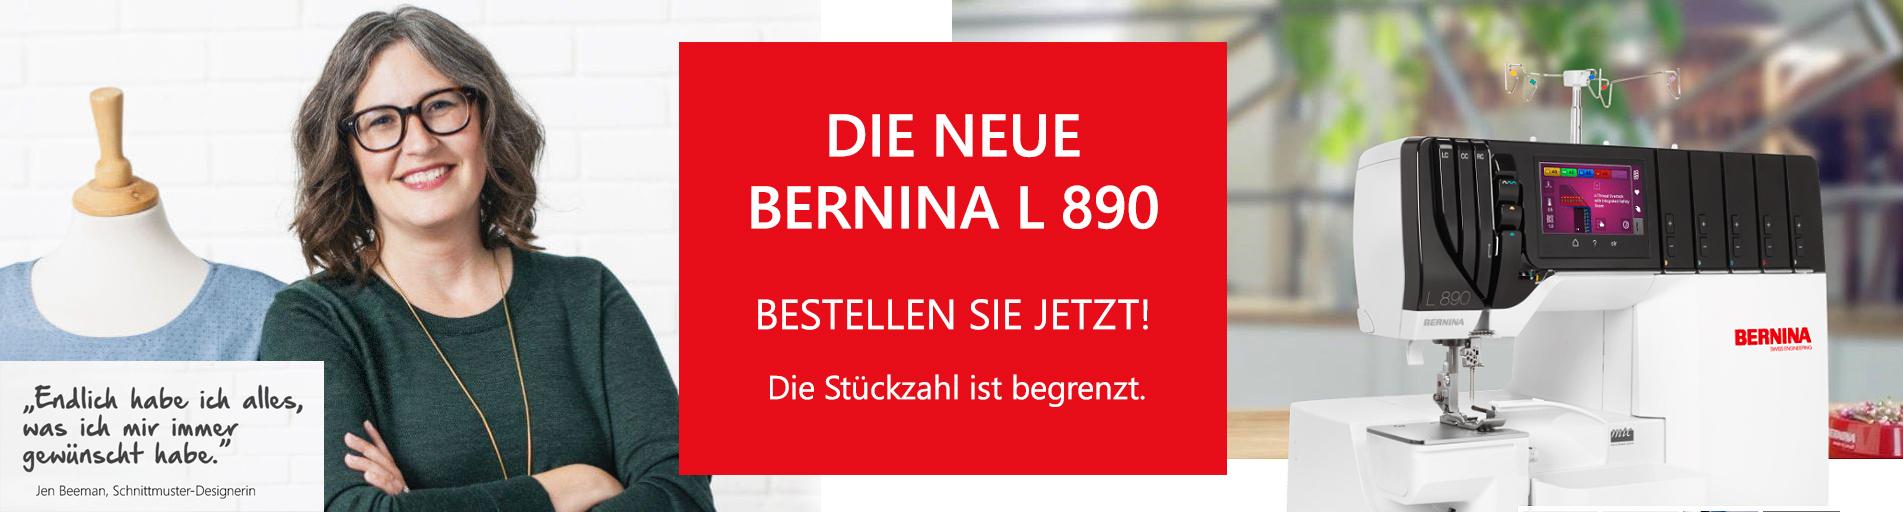 DIE NEUE BERNINA L 890